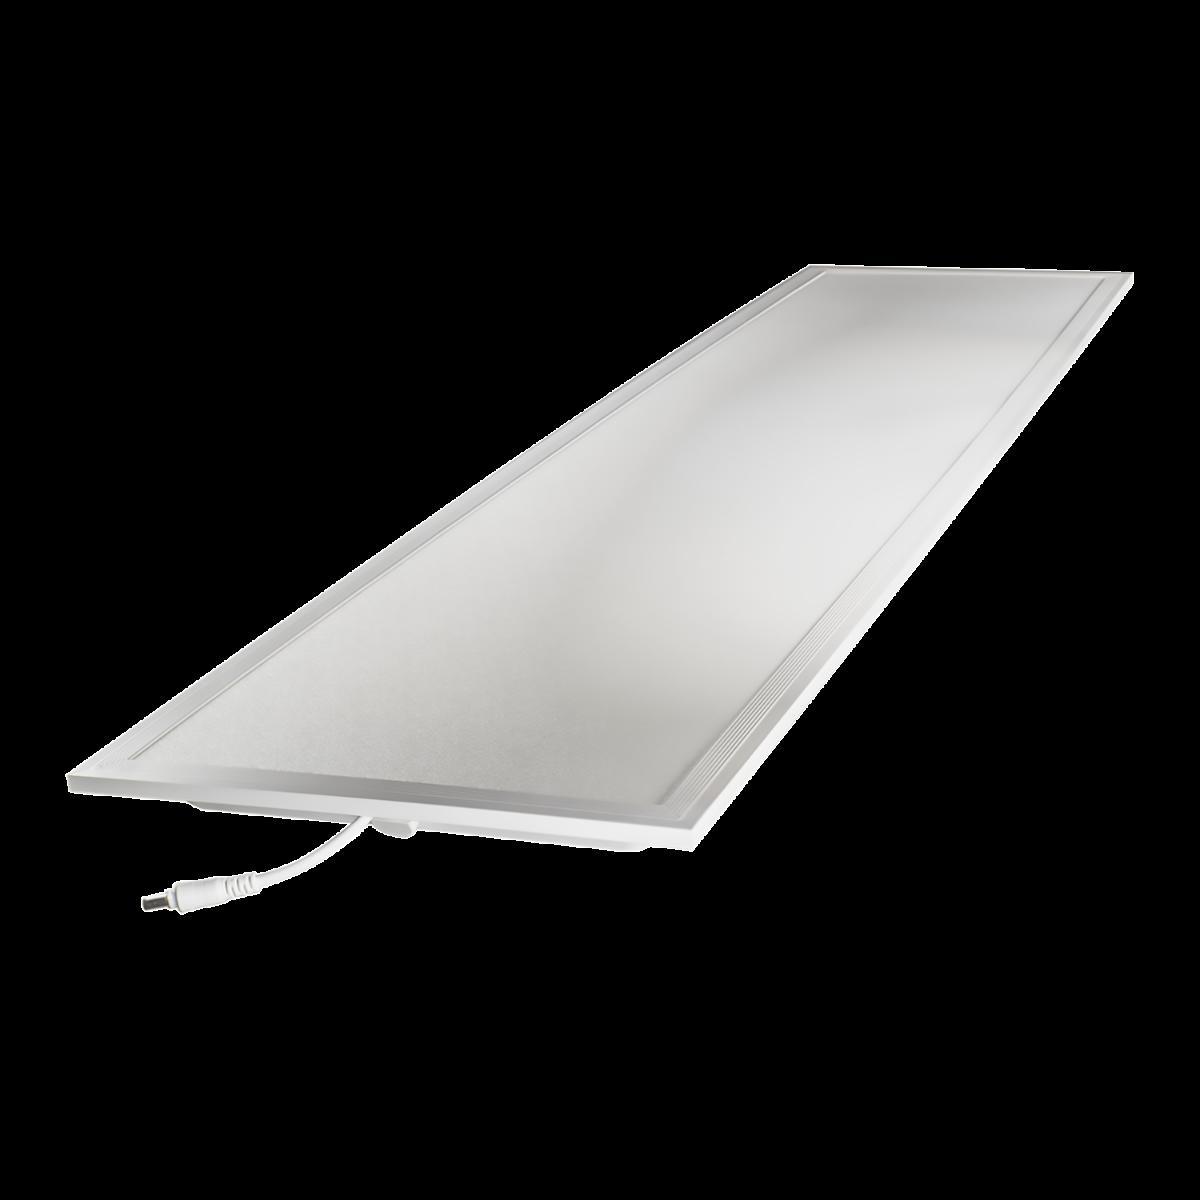 Noxion LED panel Delta Pro V2.0 30W 30x120cm 6500K 4110lm UGR <19 | daglys - erstatter 2x36W